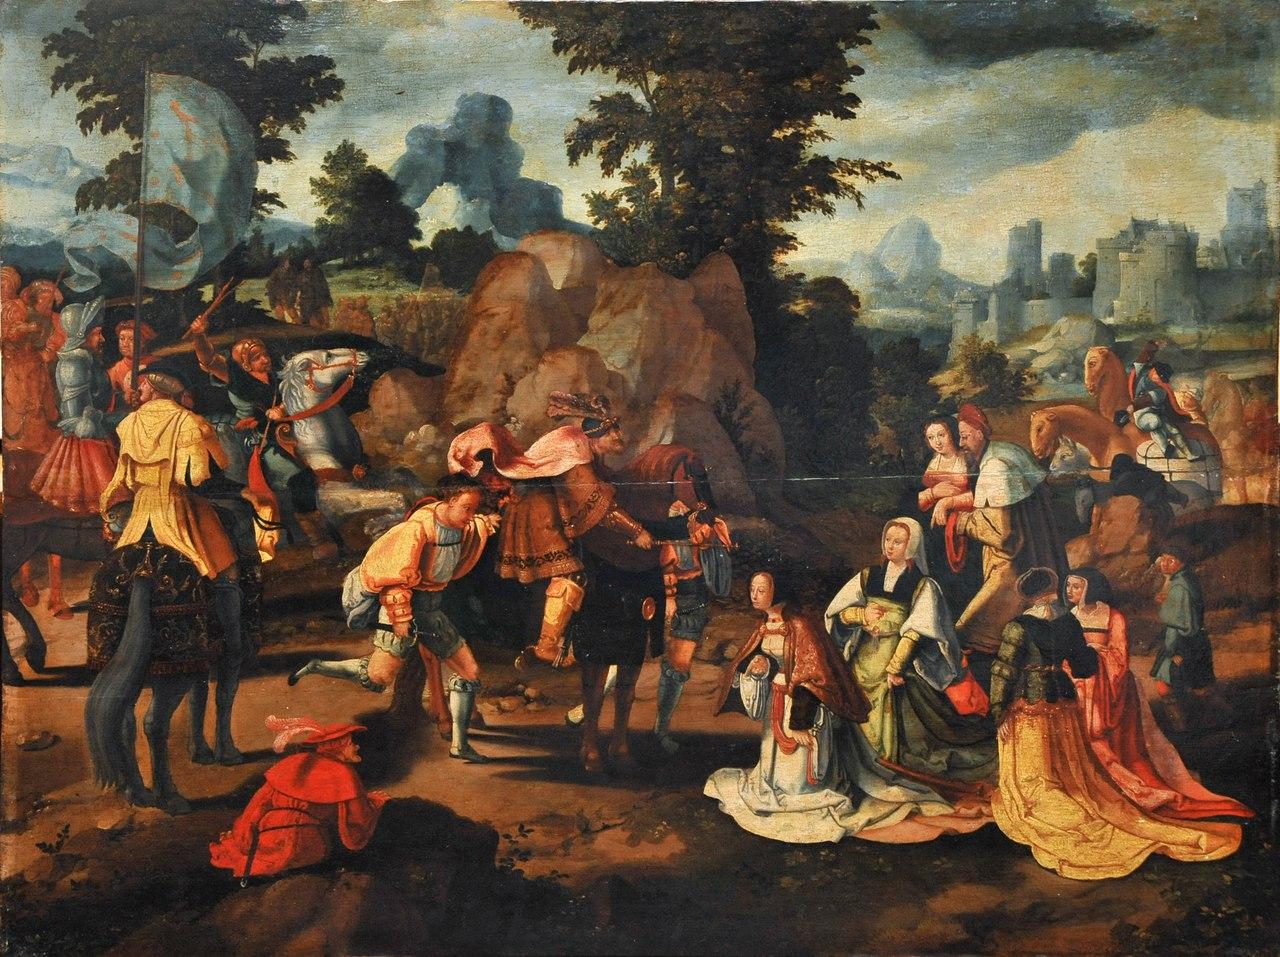 Лукас ван Лейден. XVI в. Давид и Авигея, Дерево, масло